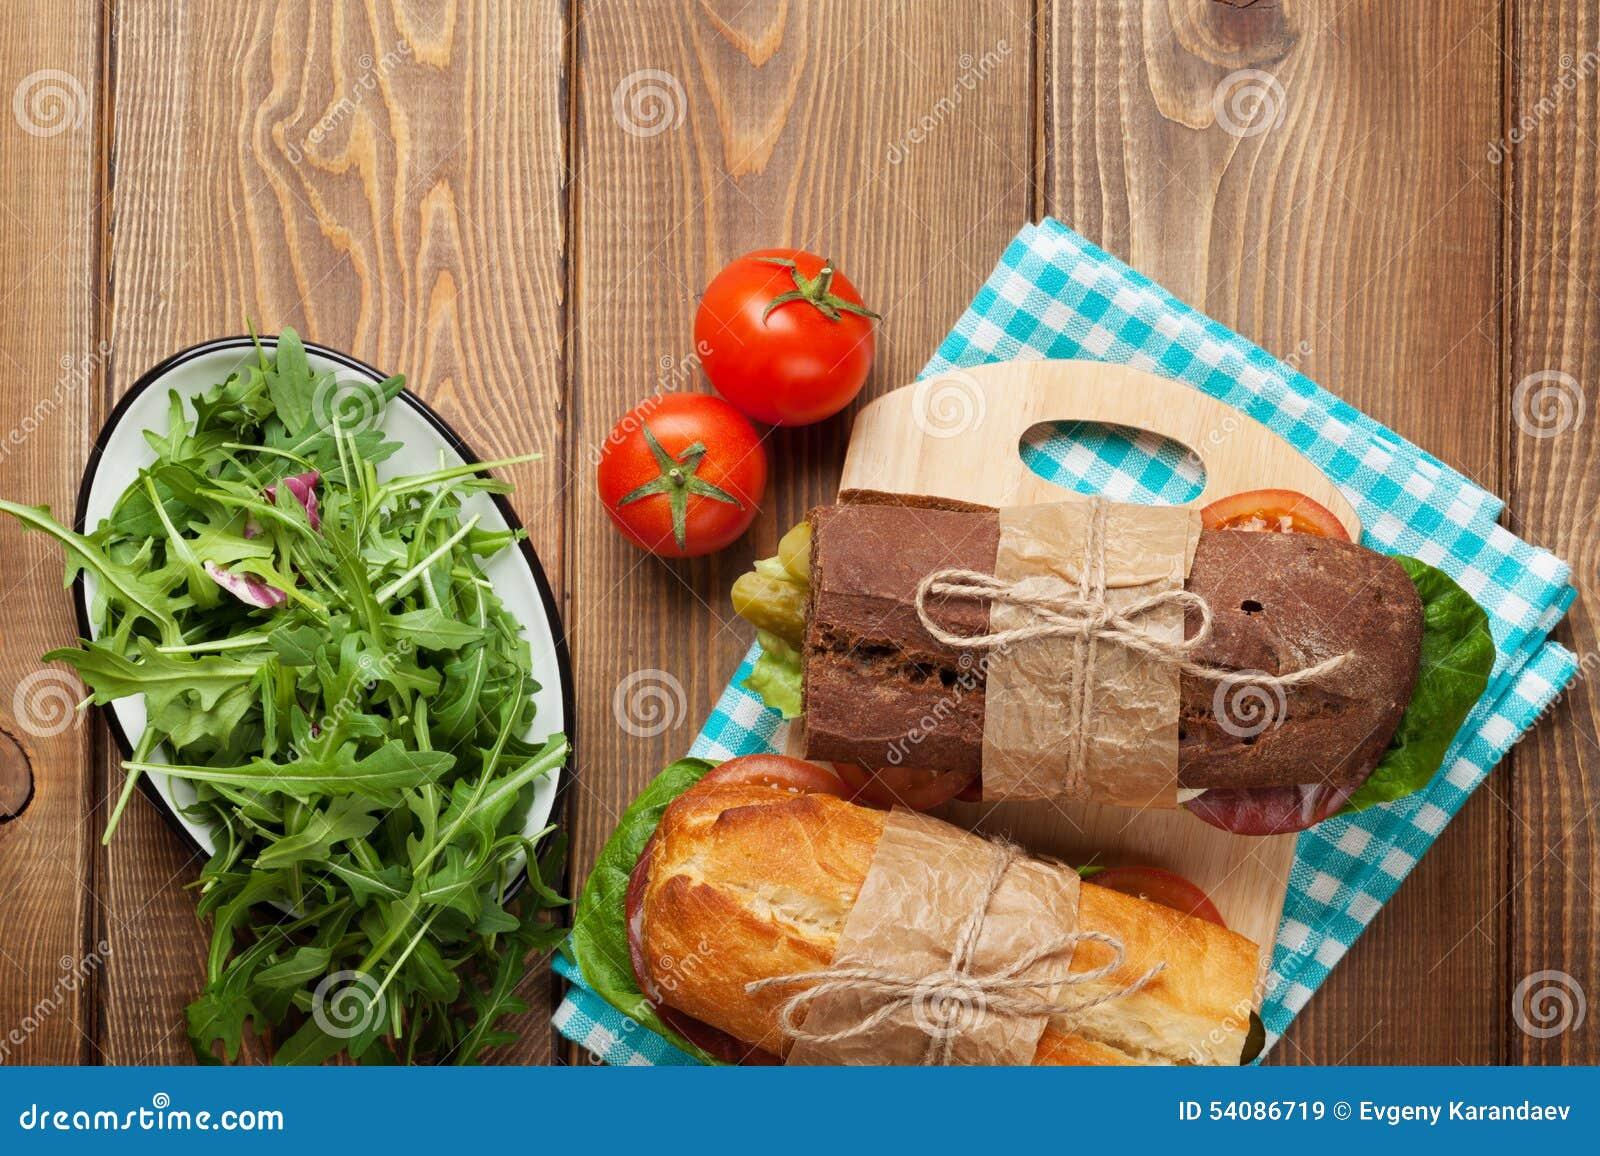 Twee sandwiches met salade, ham, kaas